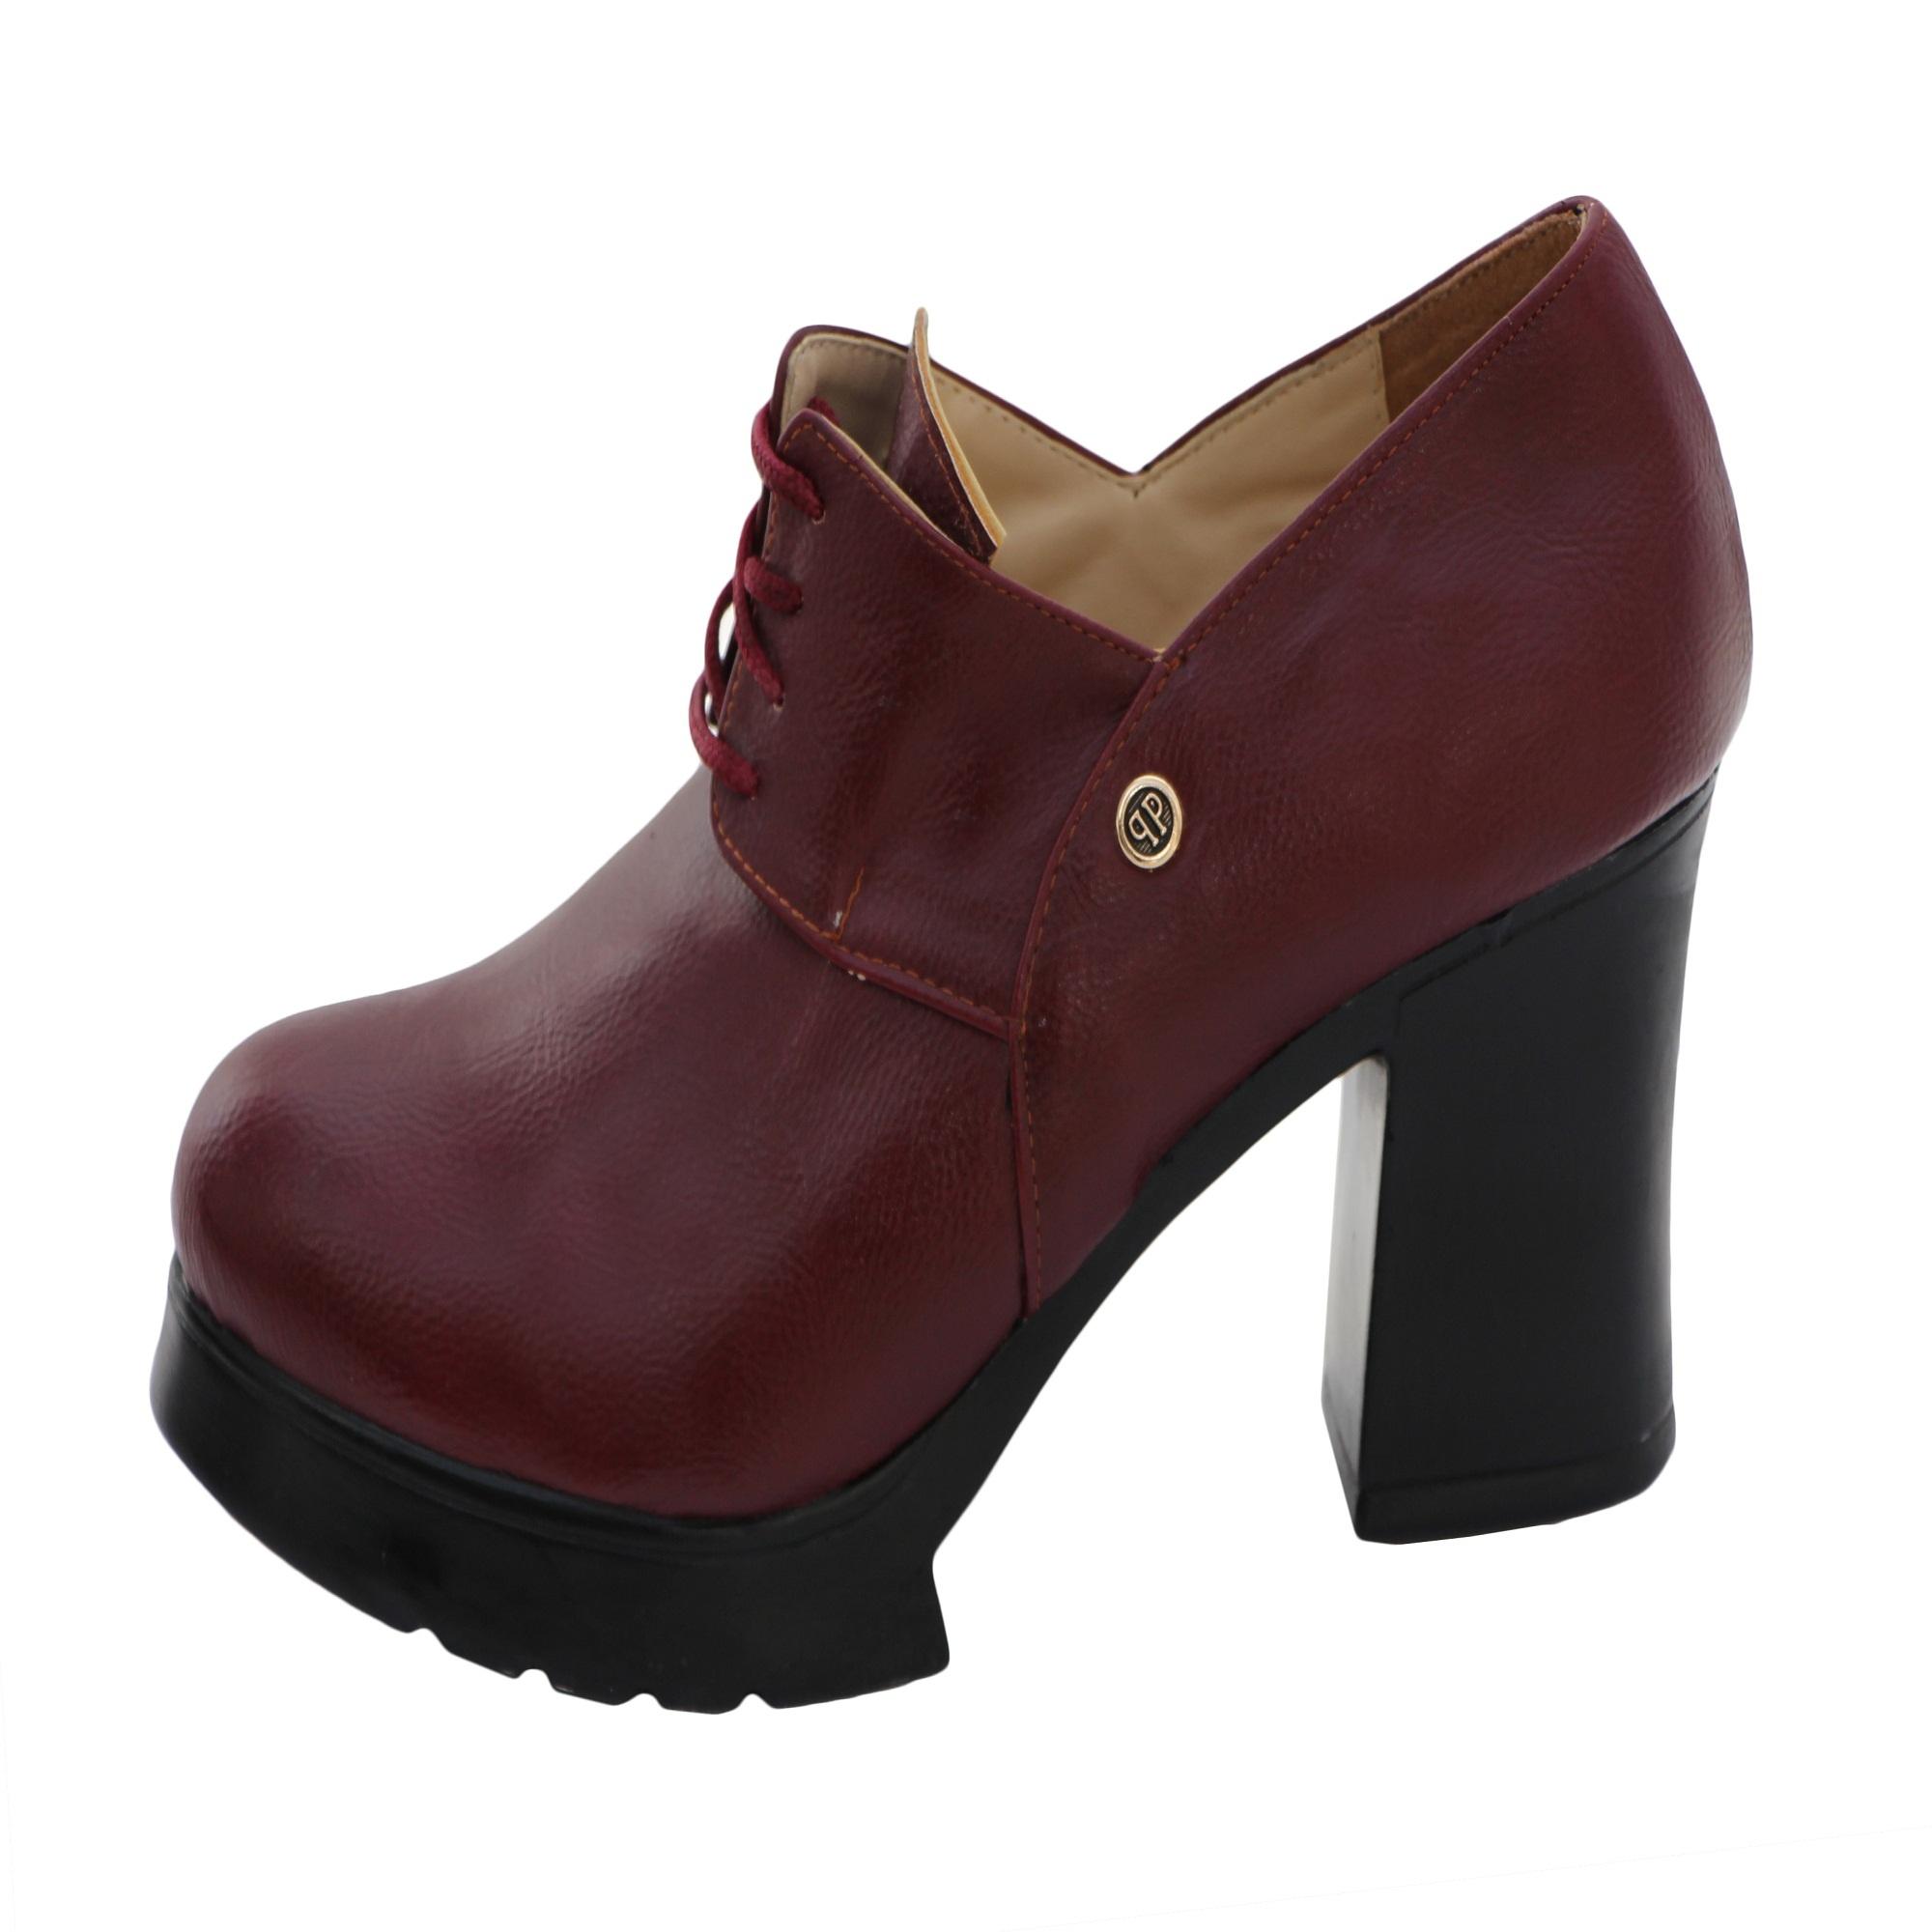 کفش زنانه عالیجناب عالیجناب کد kl205197br